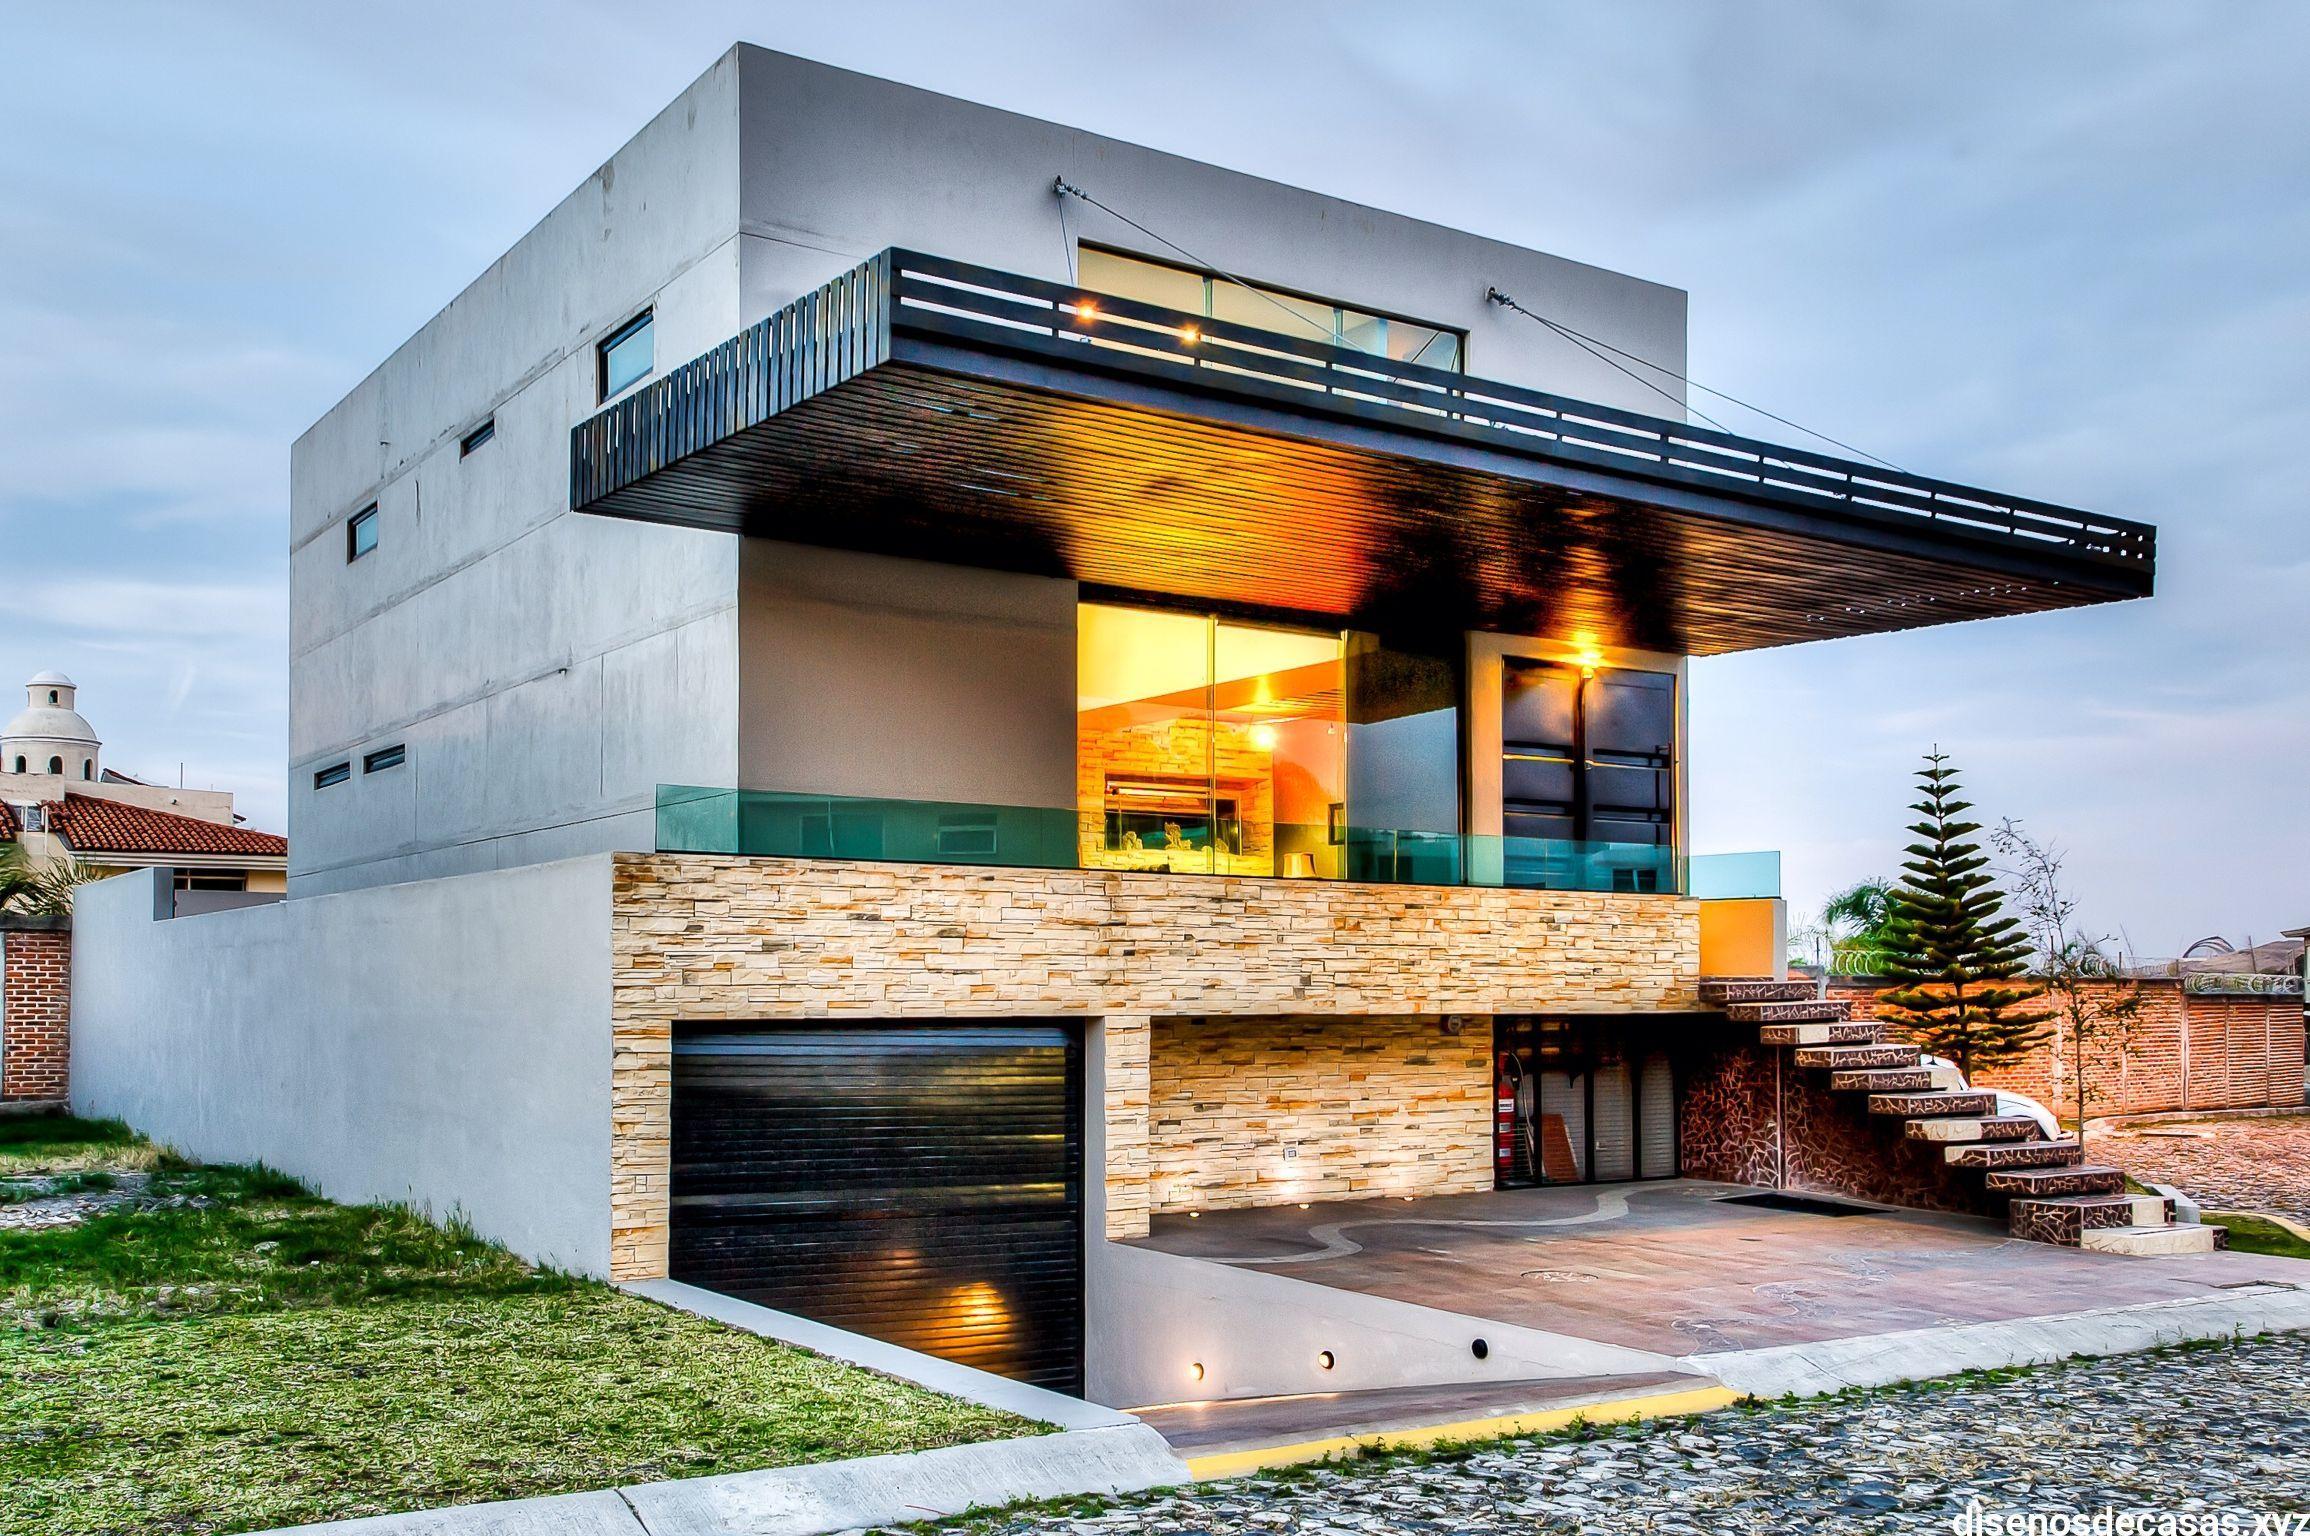 Casa con contenedores contenedores casas hechas con - Casas de contenedores maritimos ...